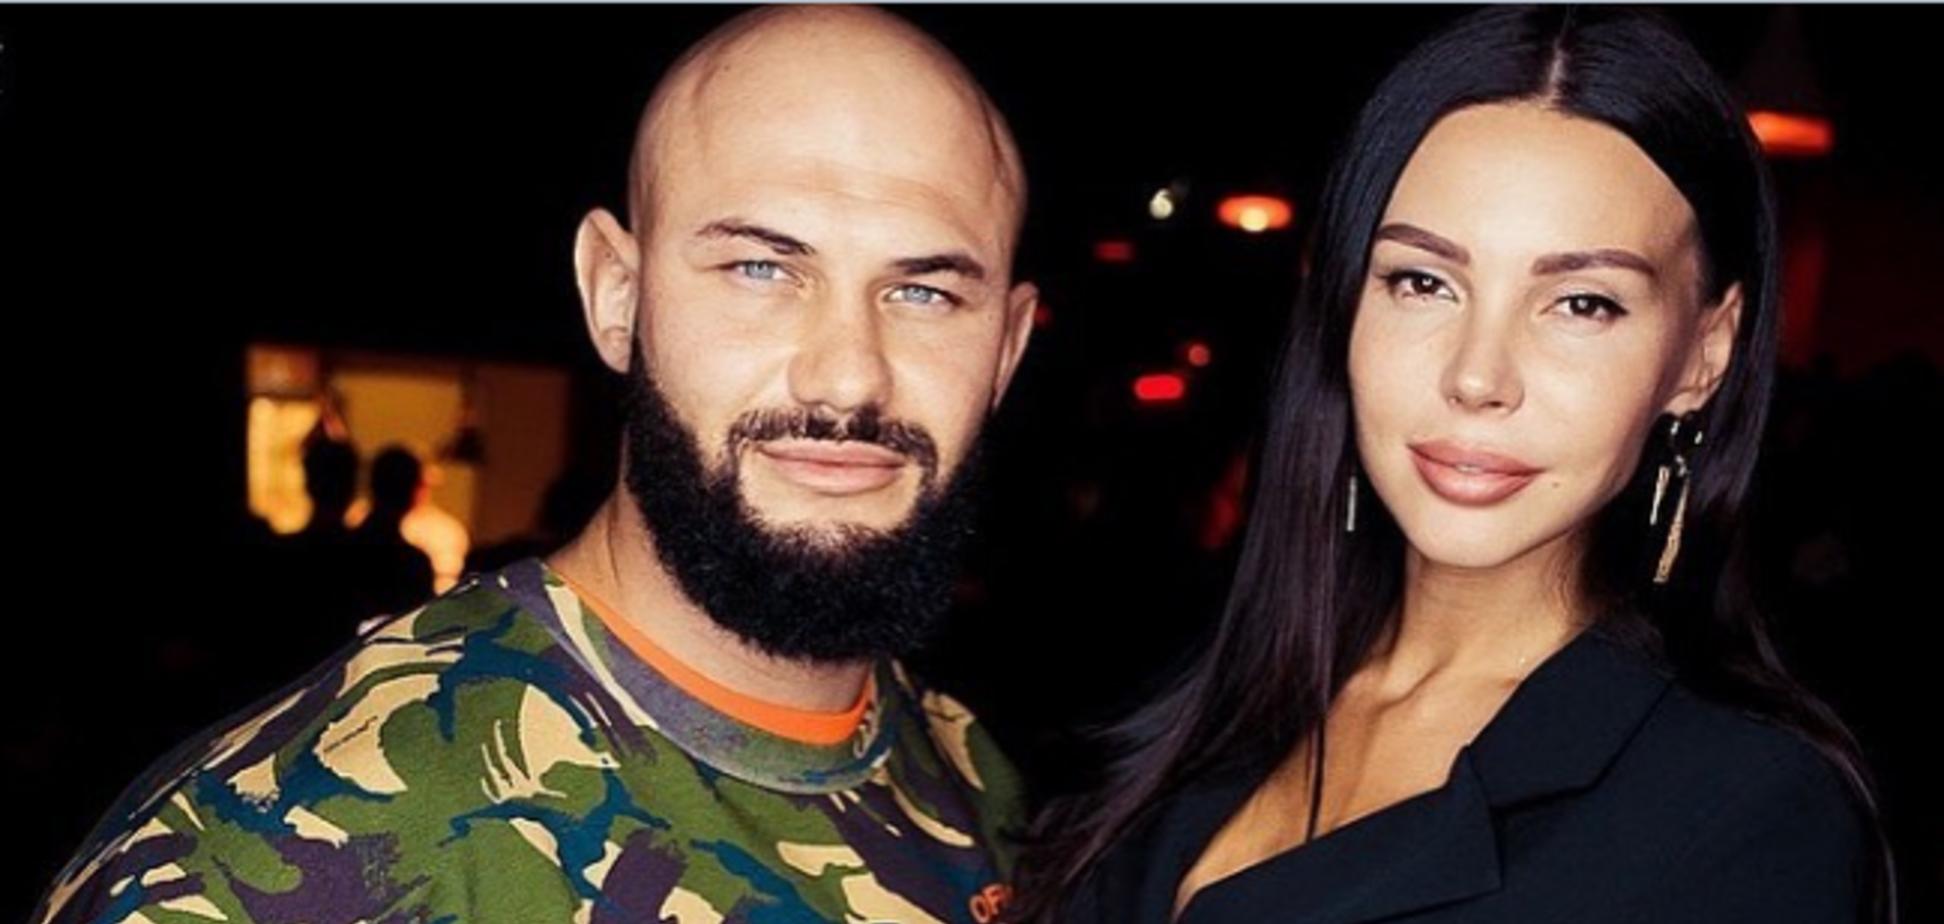 Помирились? Самойлова и Джиган после скандала уединились на даче